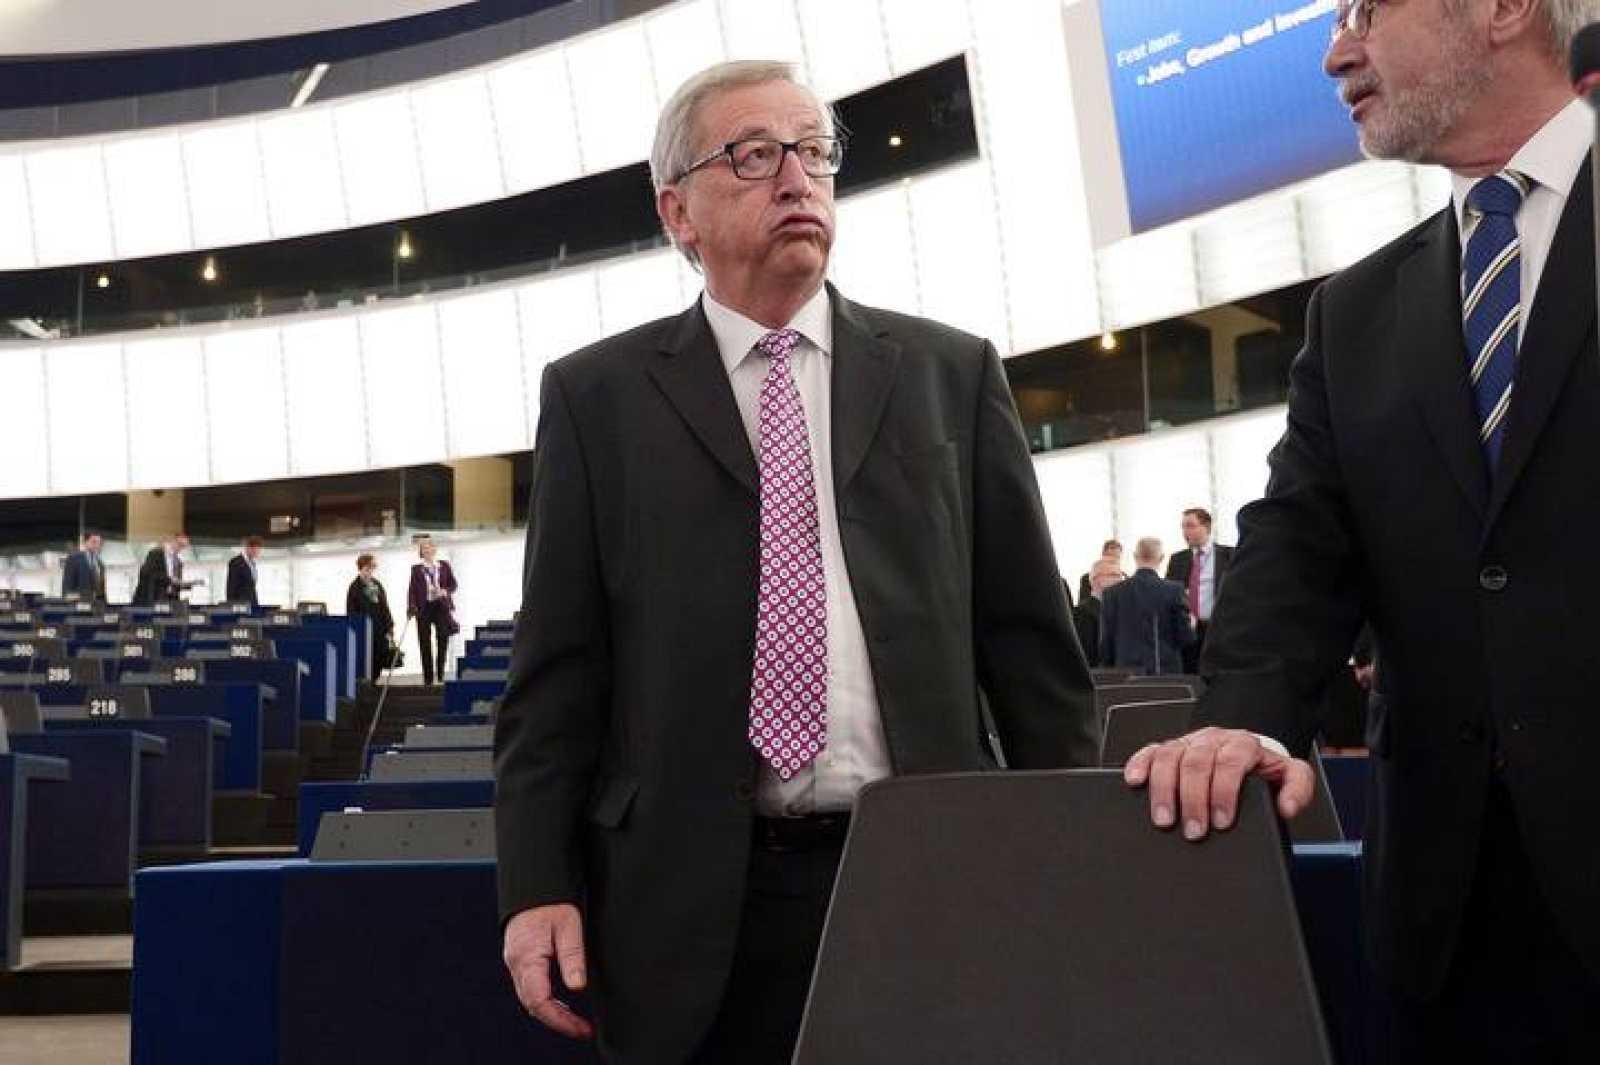 El presidente de la Comisión Europea, Jean-Claude Juncker, en el hemiciclo del Parlamento Europeo